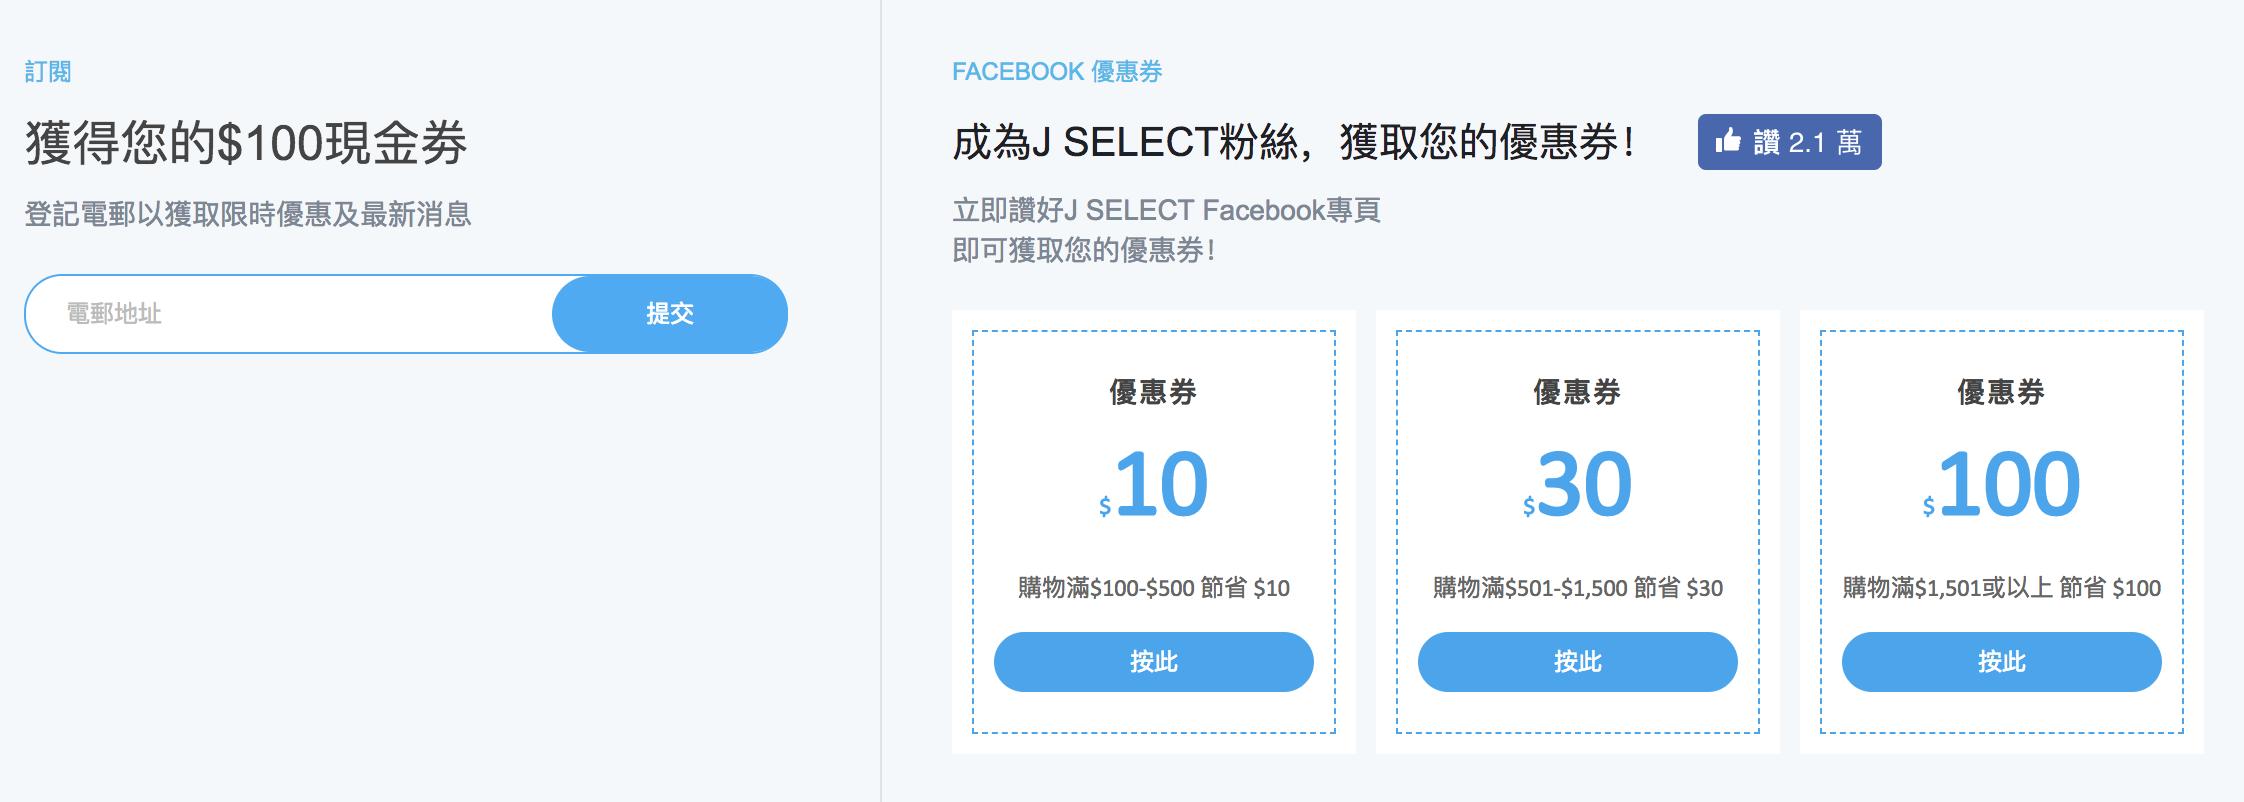 於jselect online store 消費賺取亞洲萬里通里數